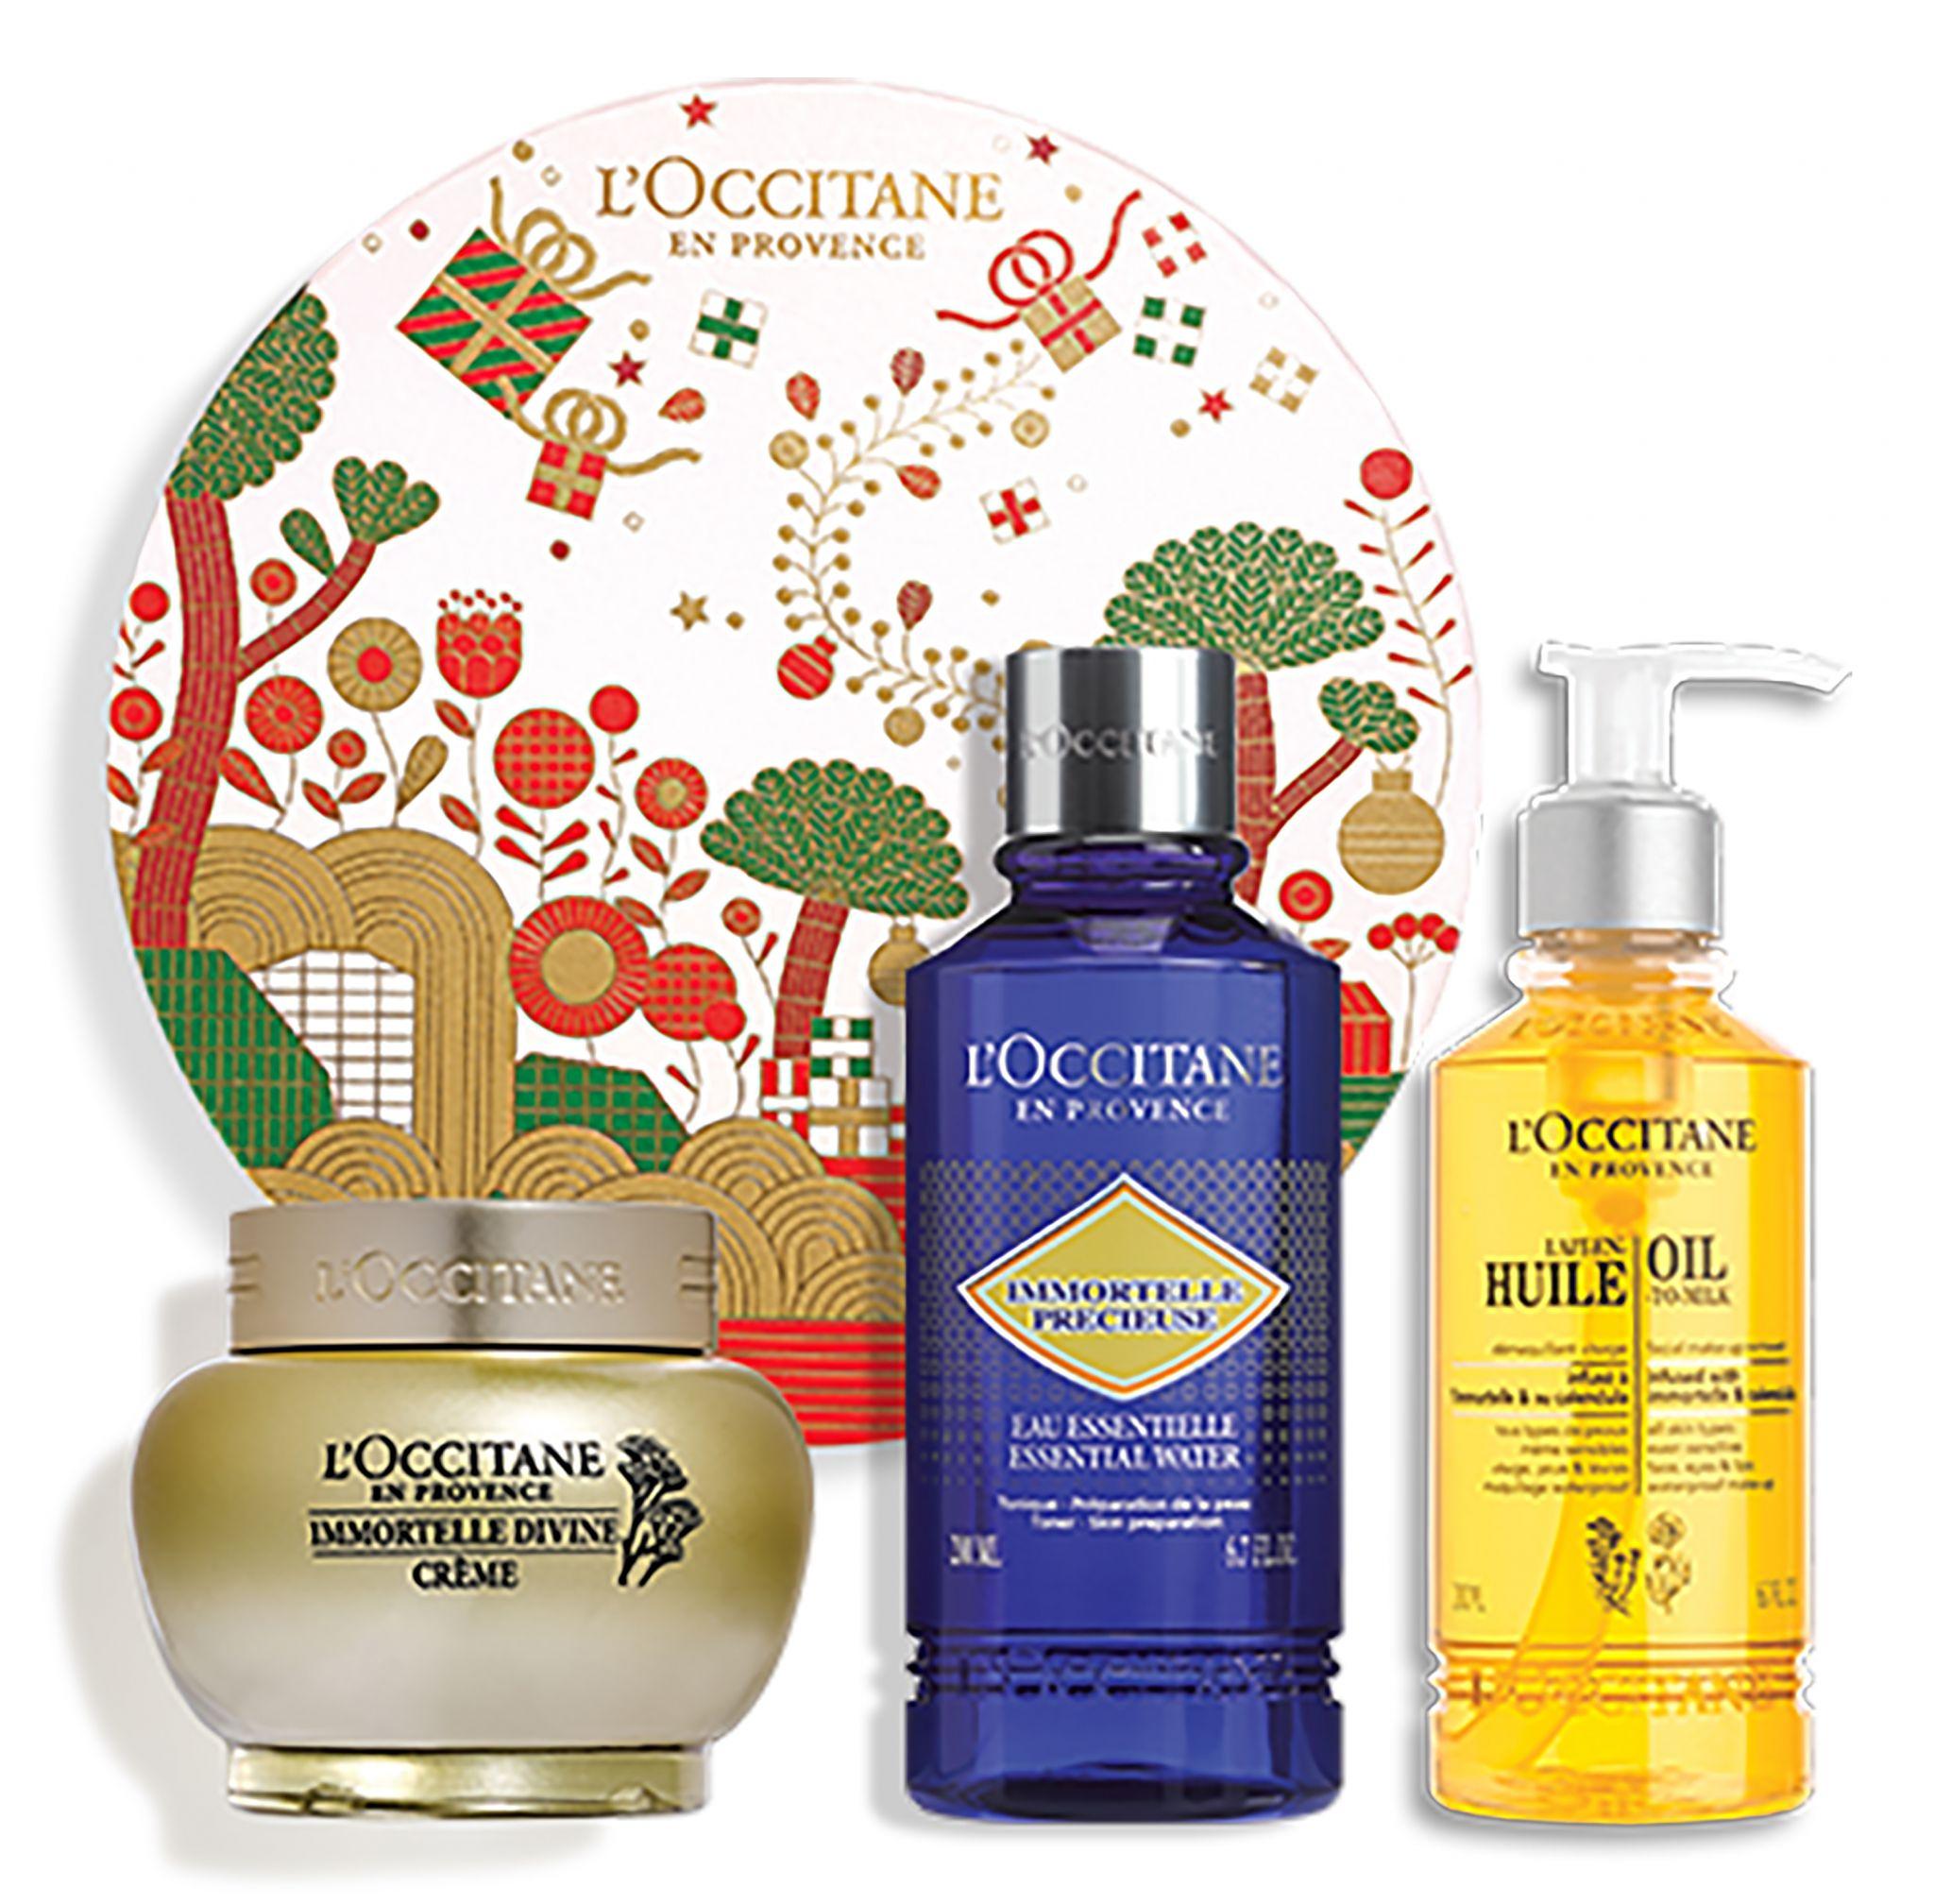 L'Occitane christmas gift set